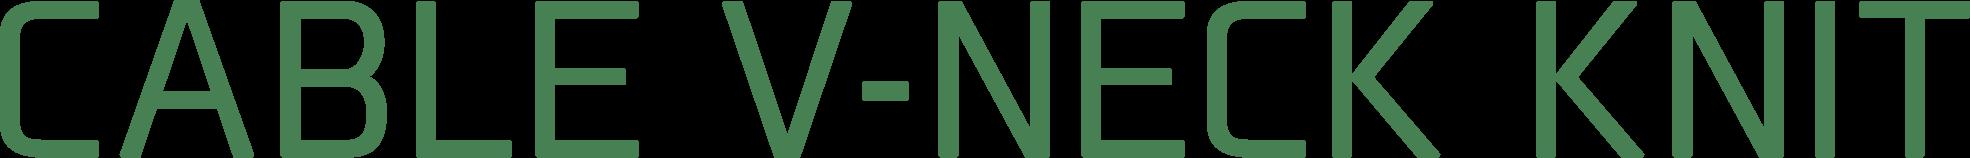 CABLE V-NECK KNIT